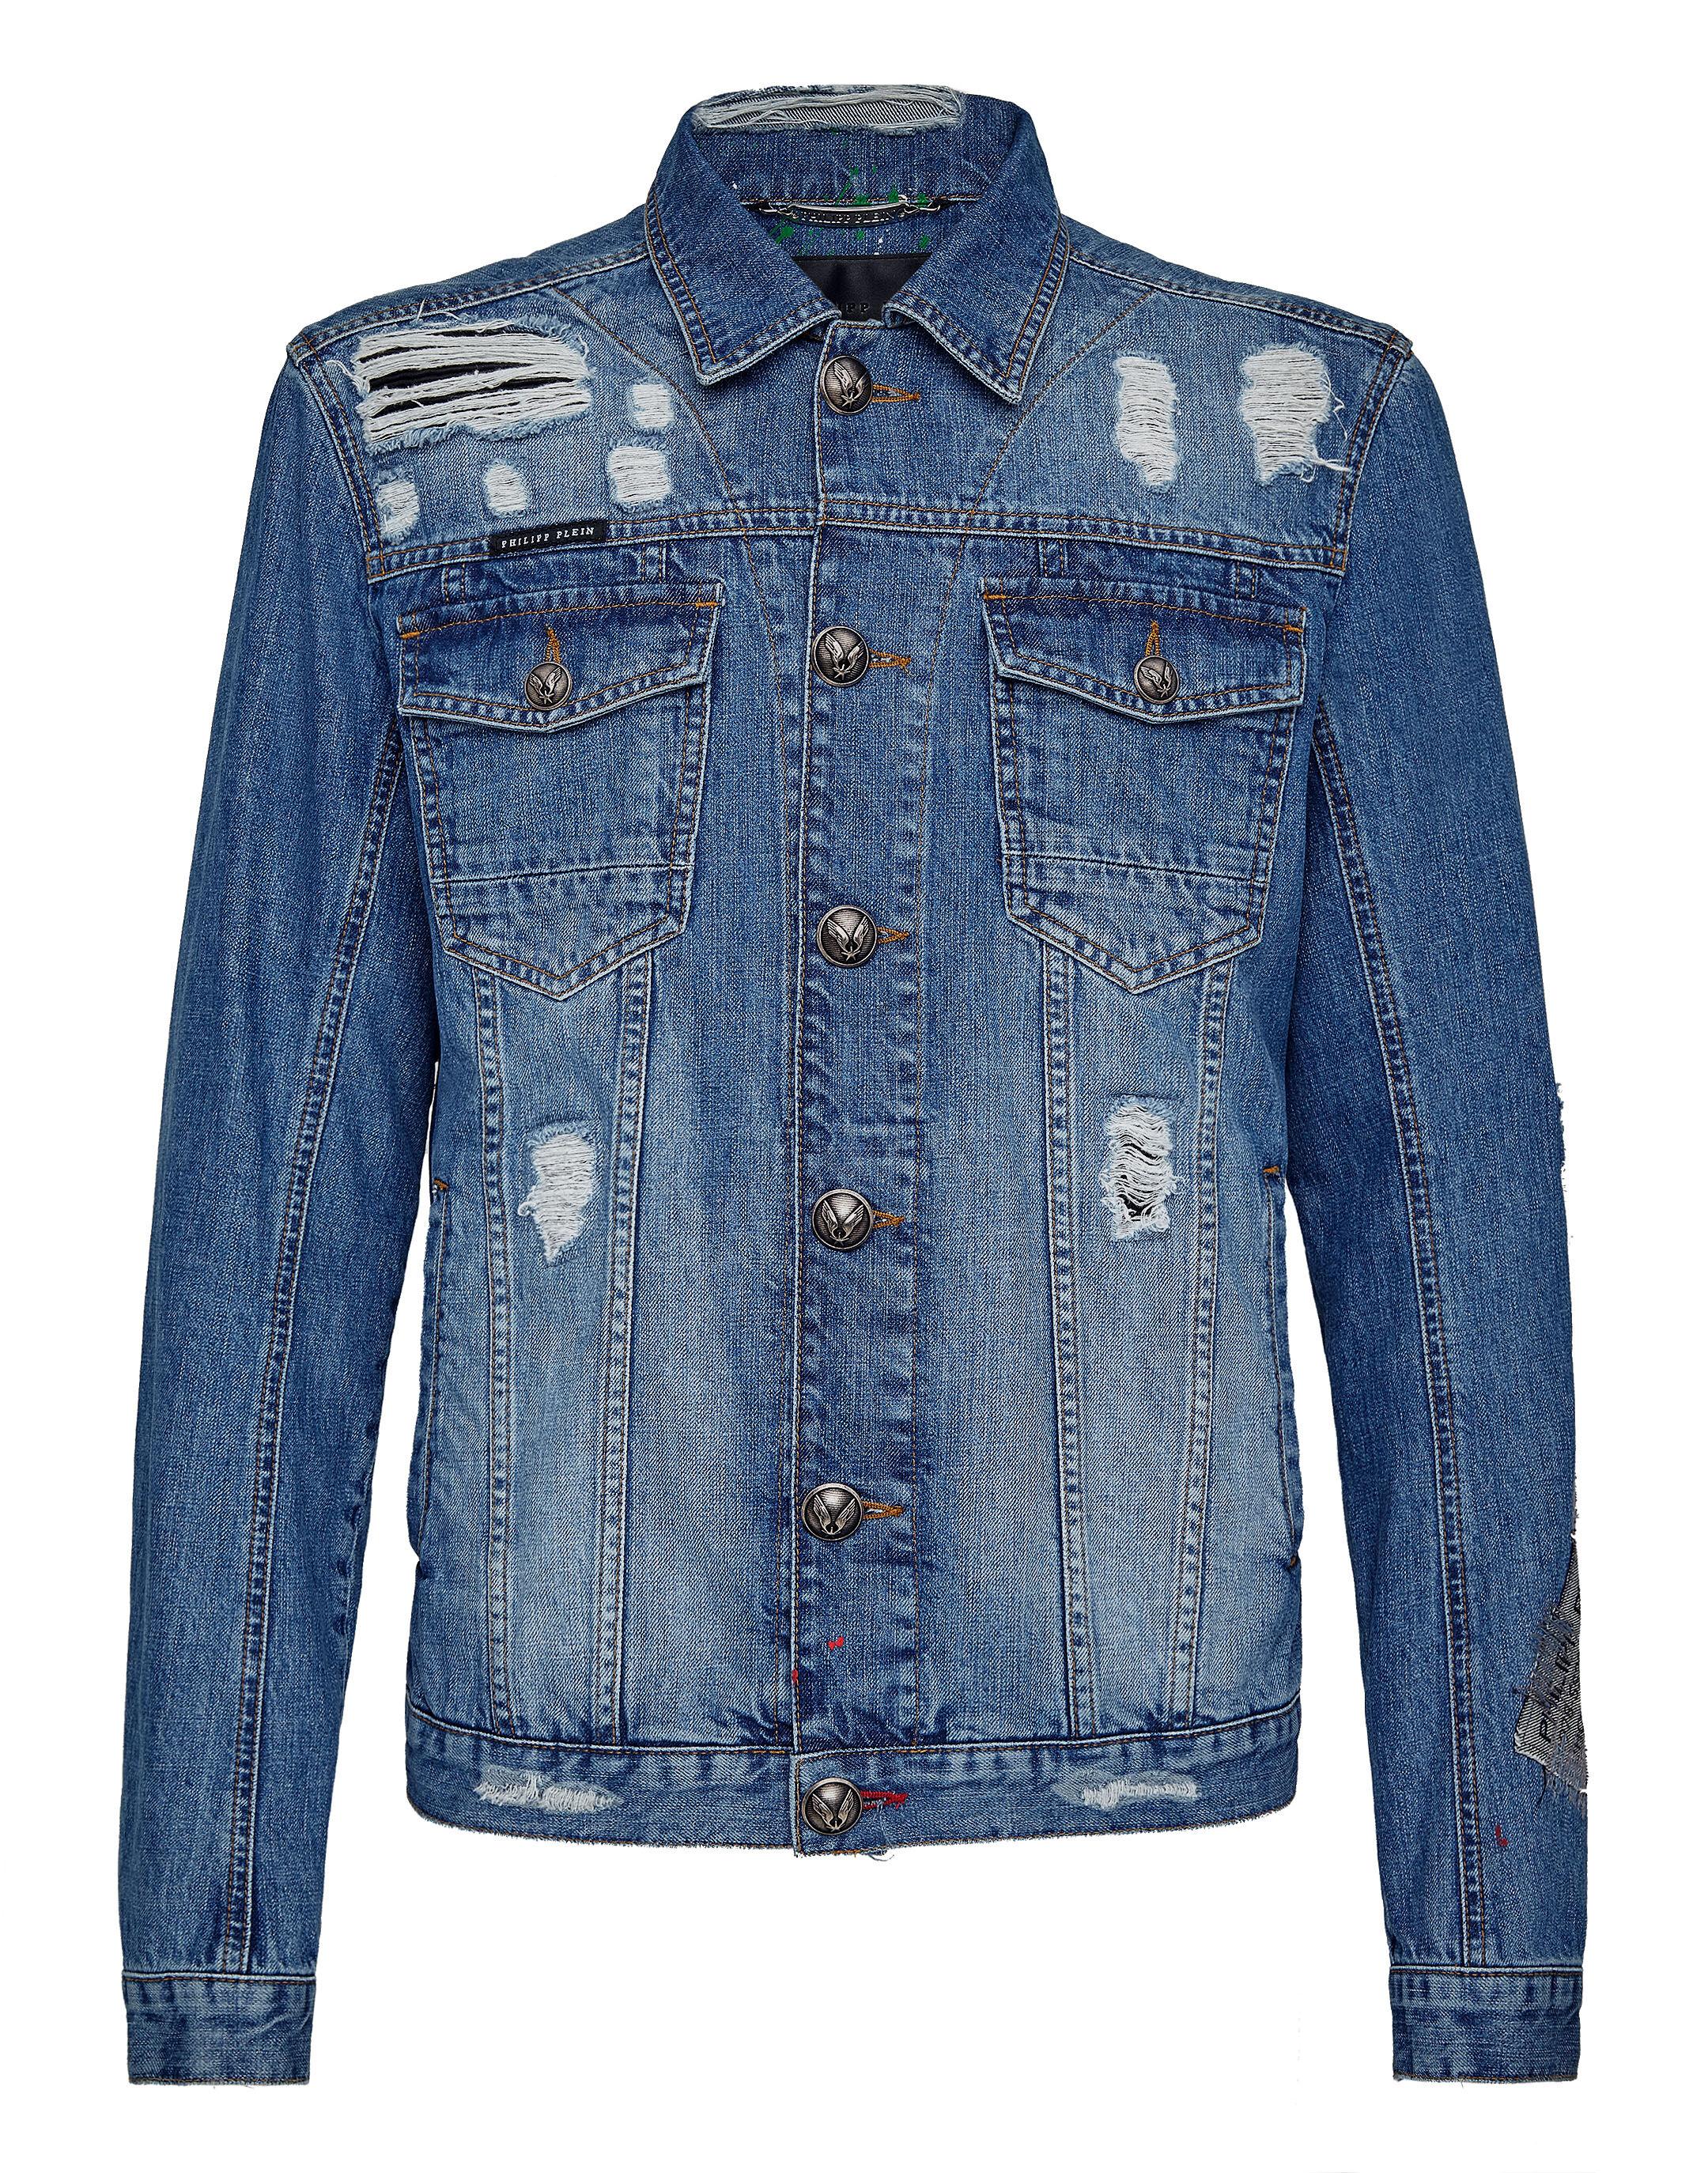 Philipp Vêtements Pour Vêtements Homme Plein Plein Vêtements Pour Philipp Homme tF8SSpwx